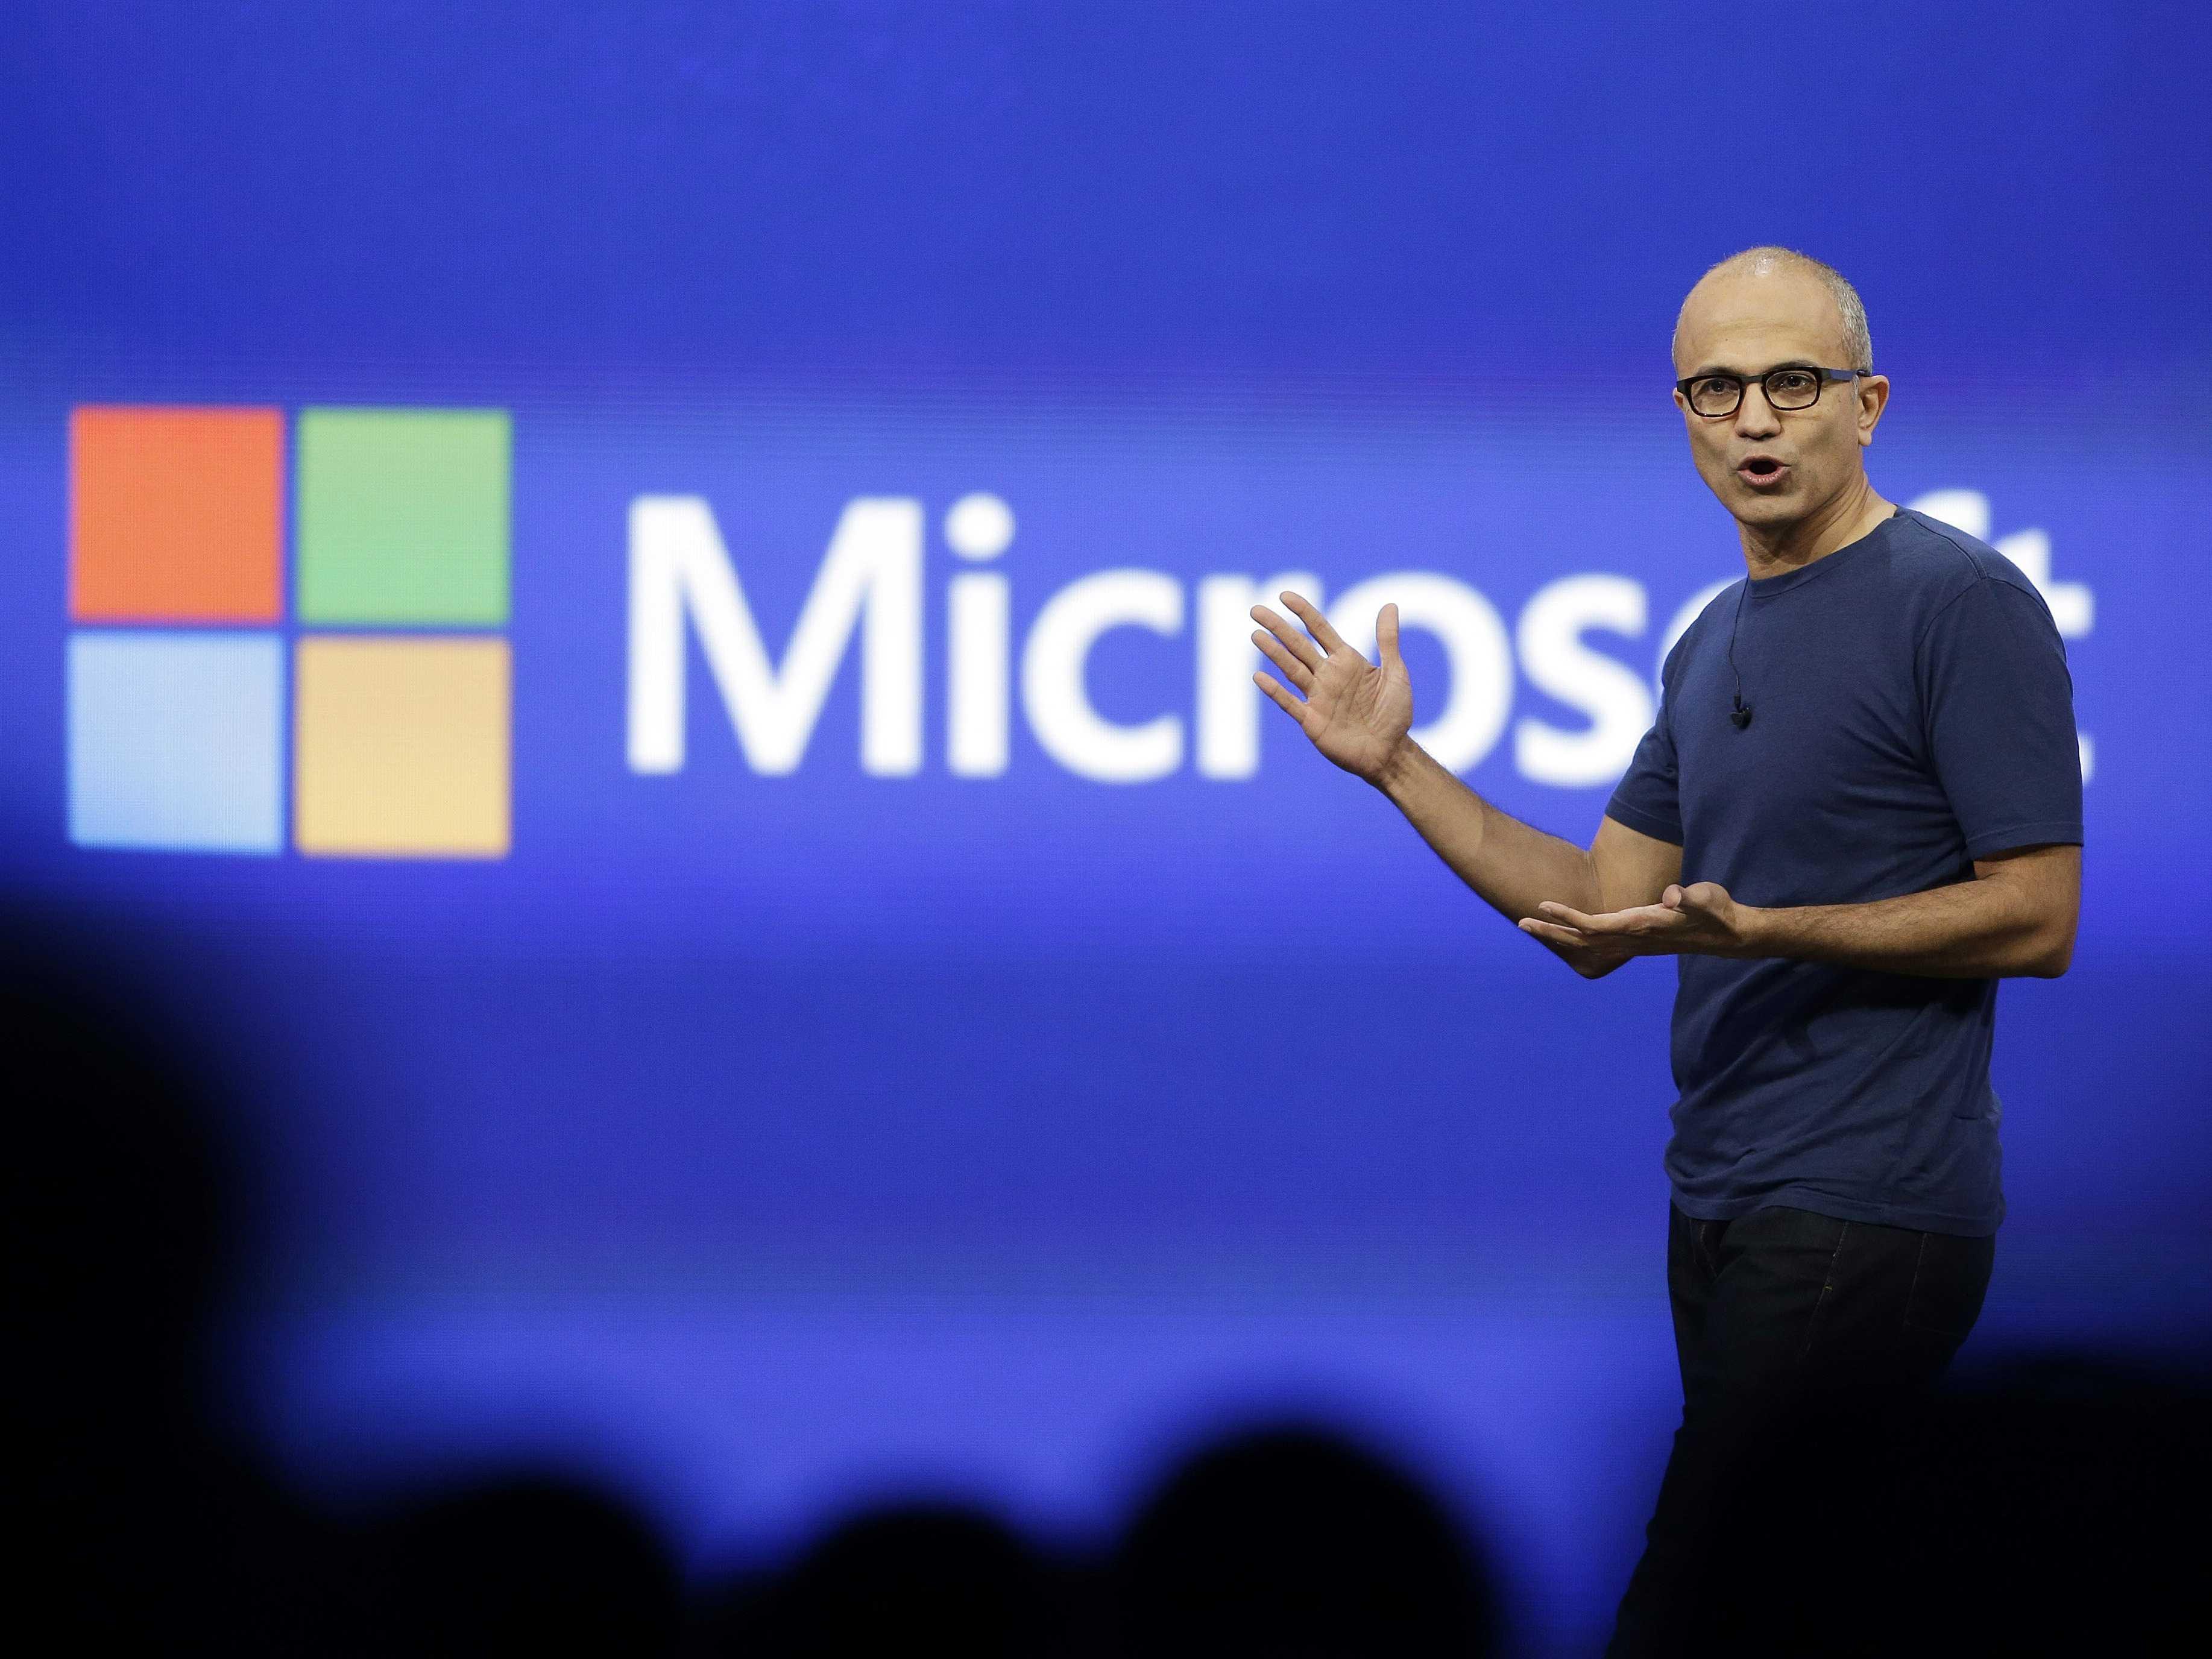 Microsoft : vers une stratégie d'ouverture